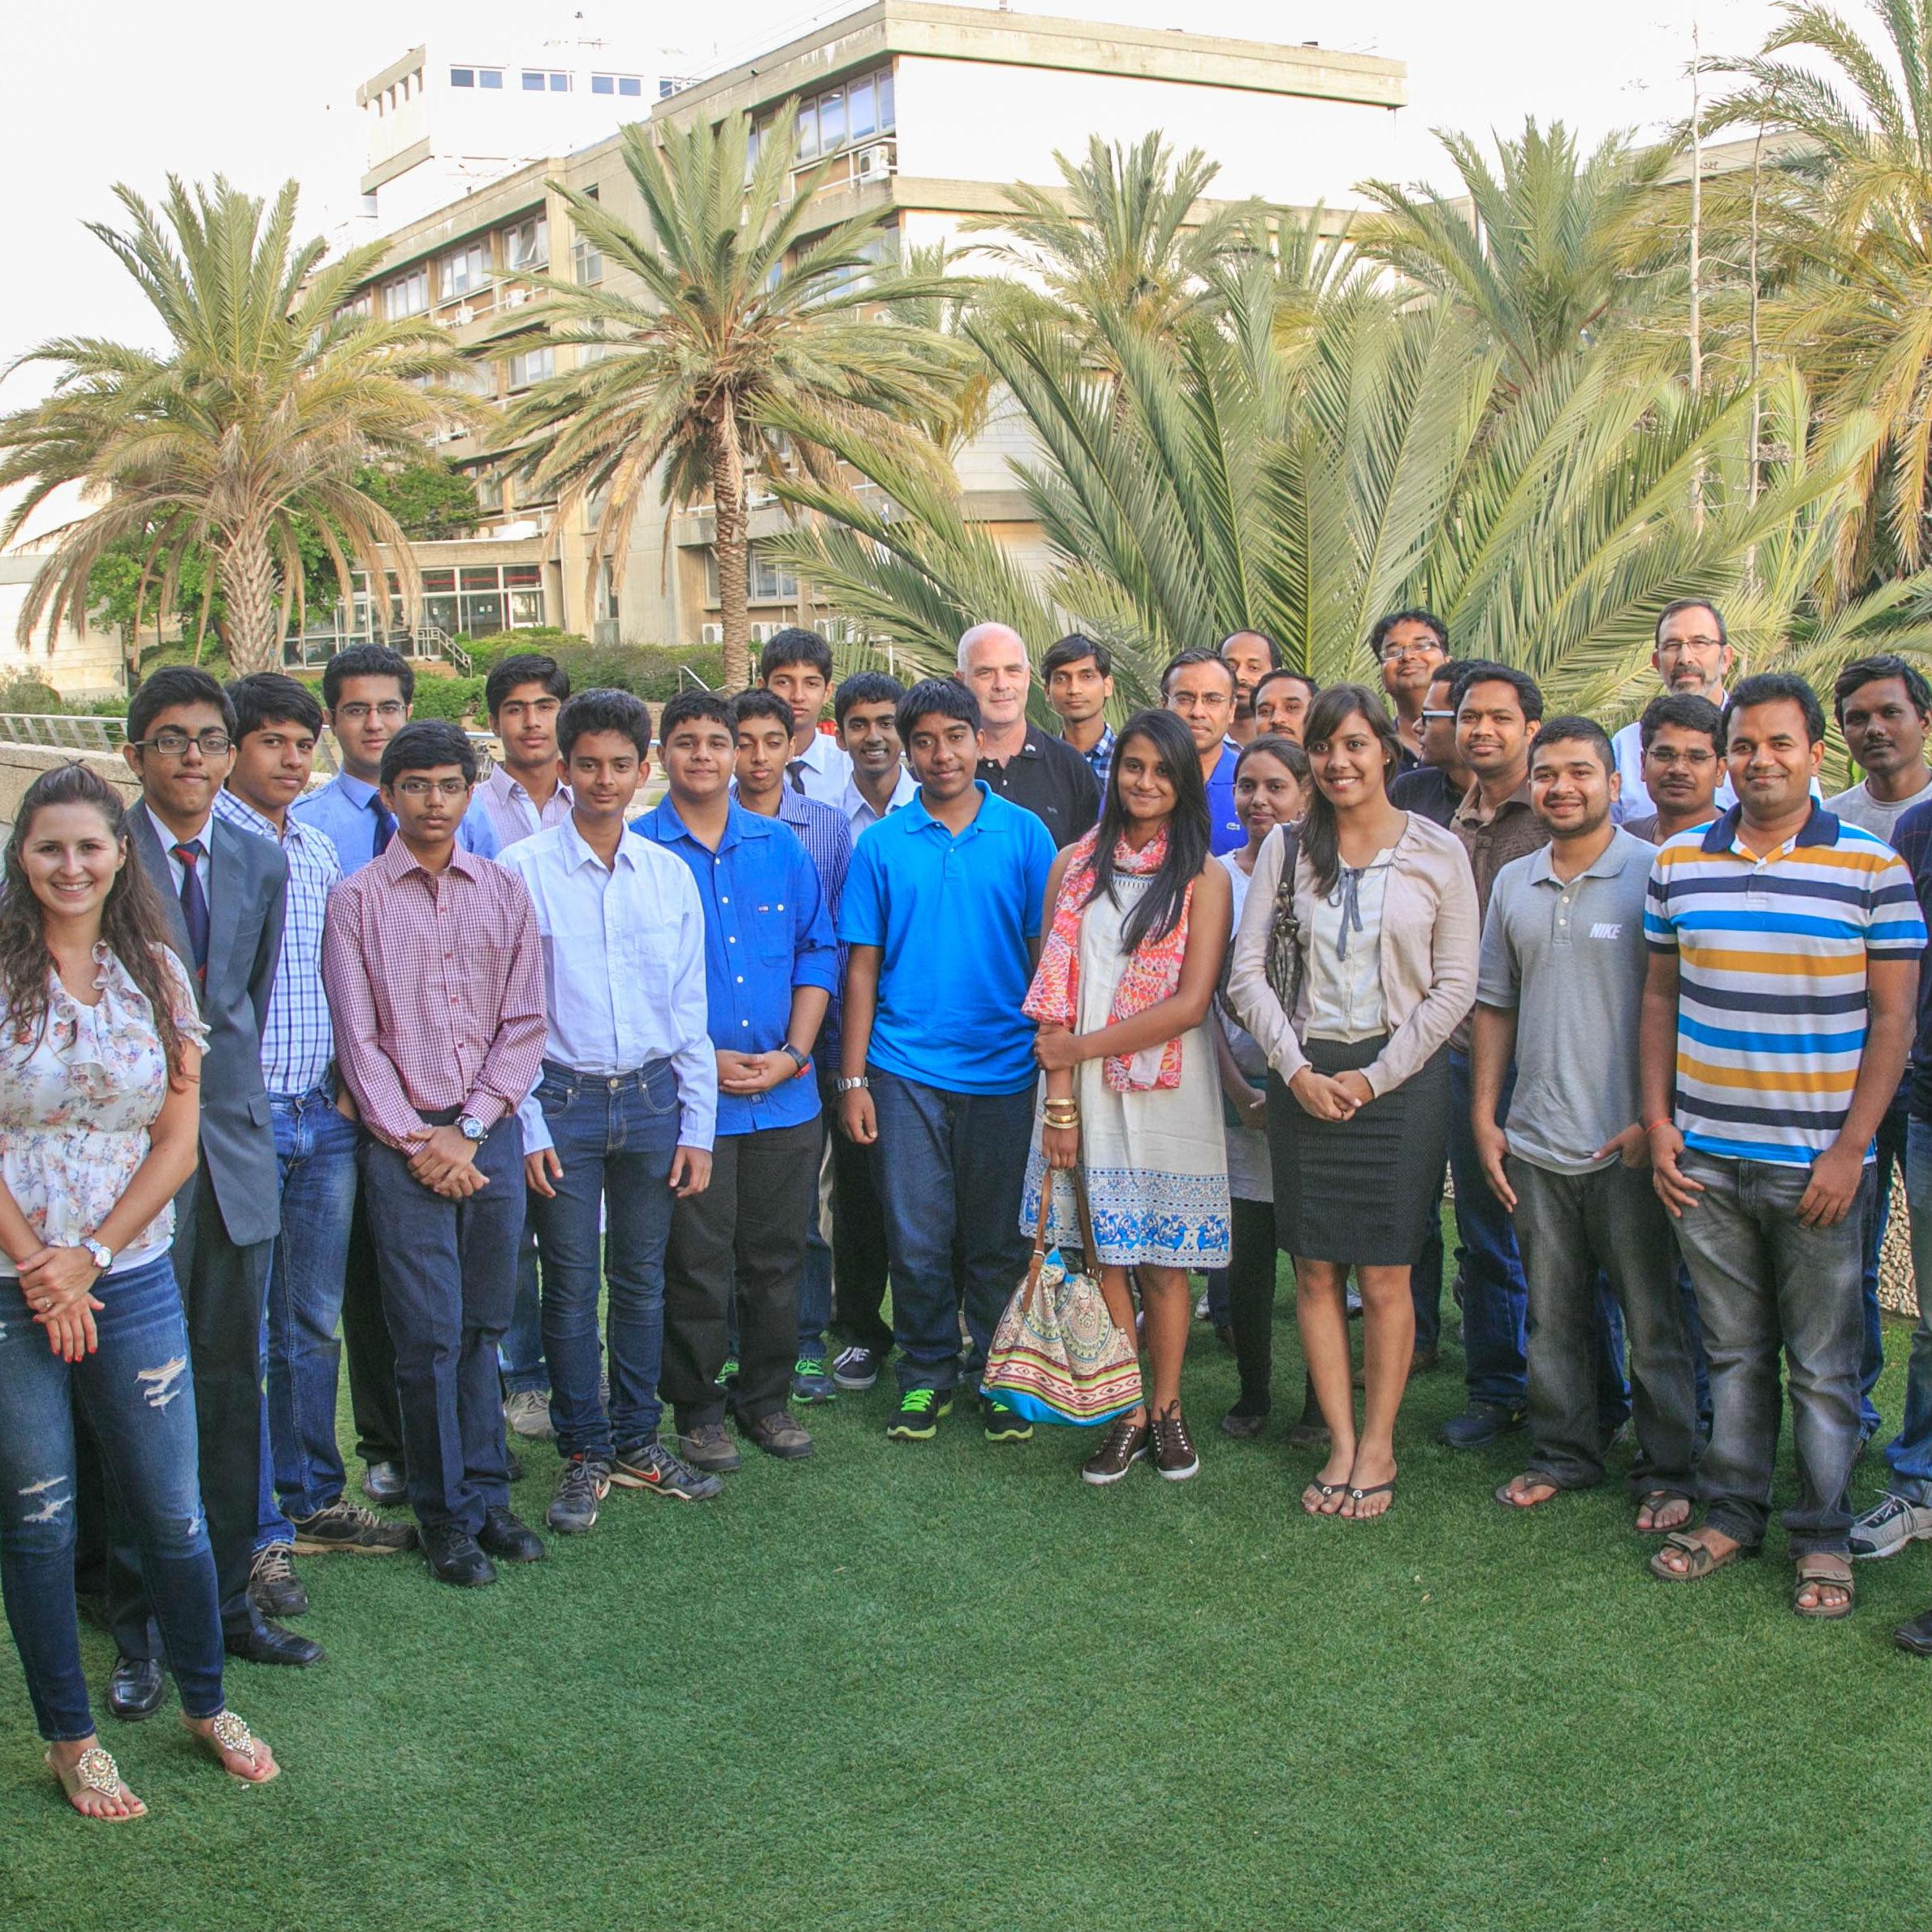 שגרירים במזרח: התכנית ללימודי הנדסת חשמל מארחת תלמידים מצטיינים מהודו